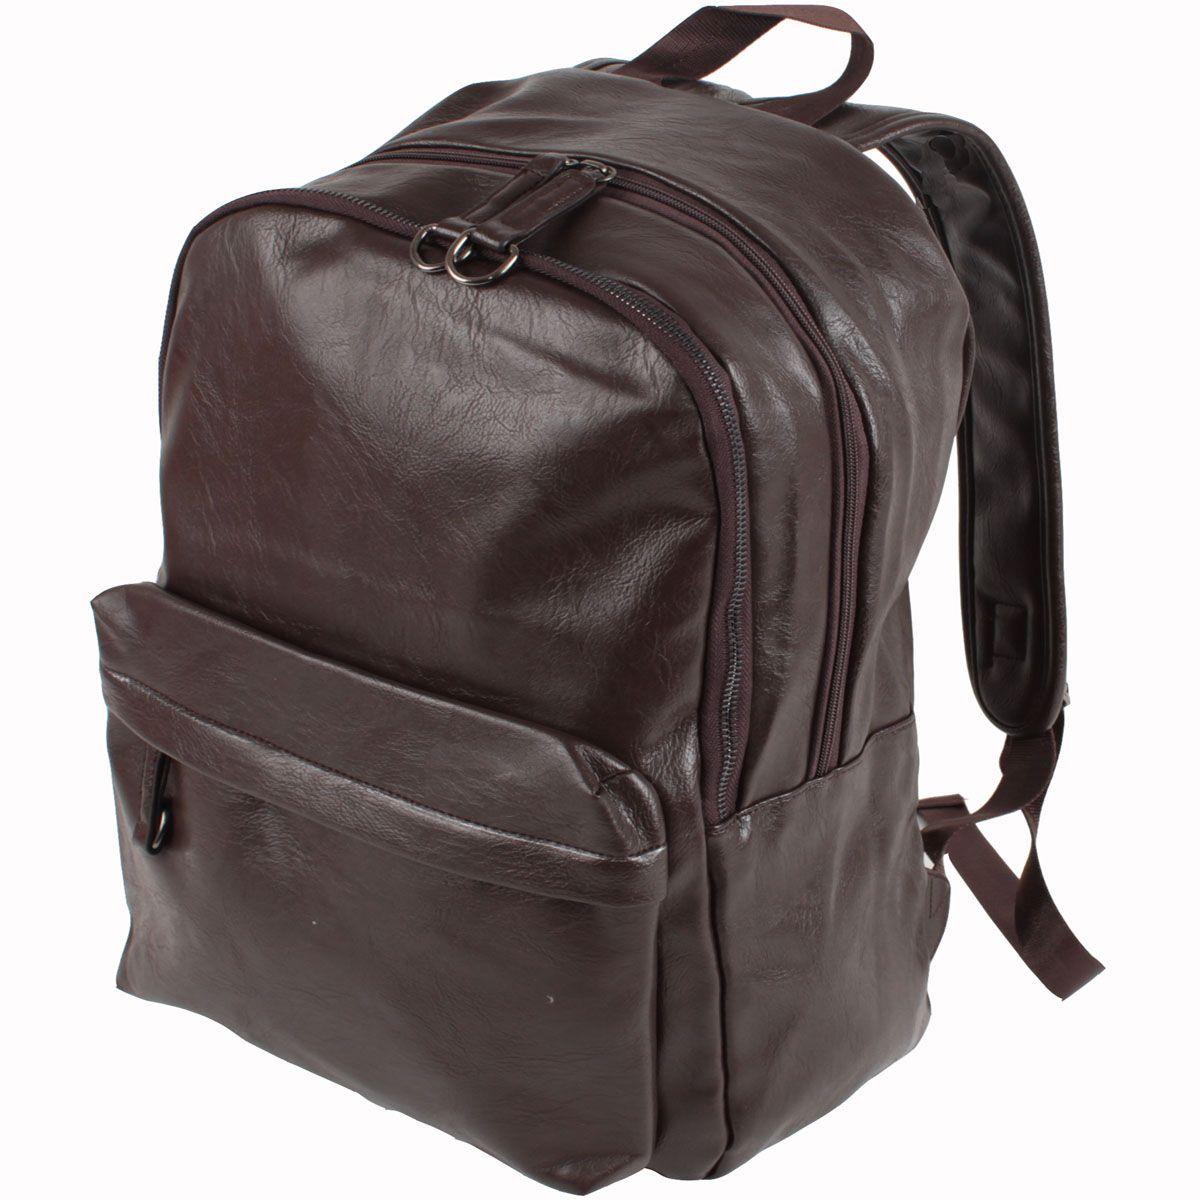 Сумка-рюкзак Flioraj, цвет: коричневый. 0926 коричн